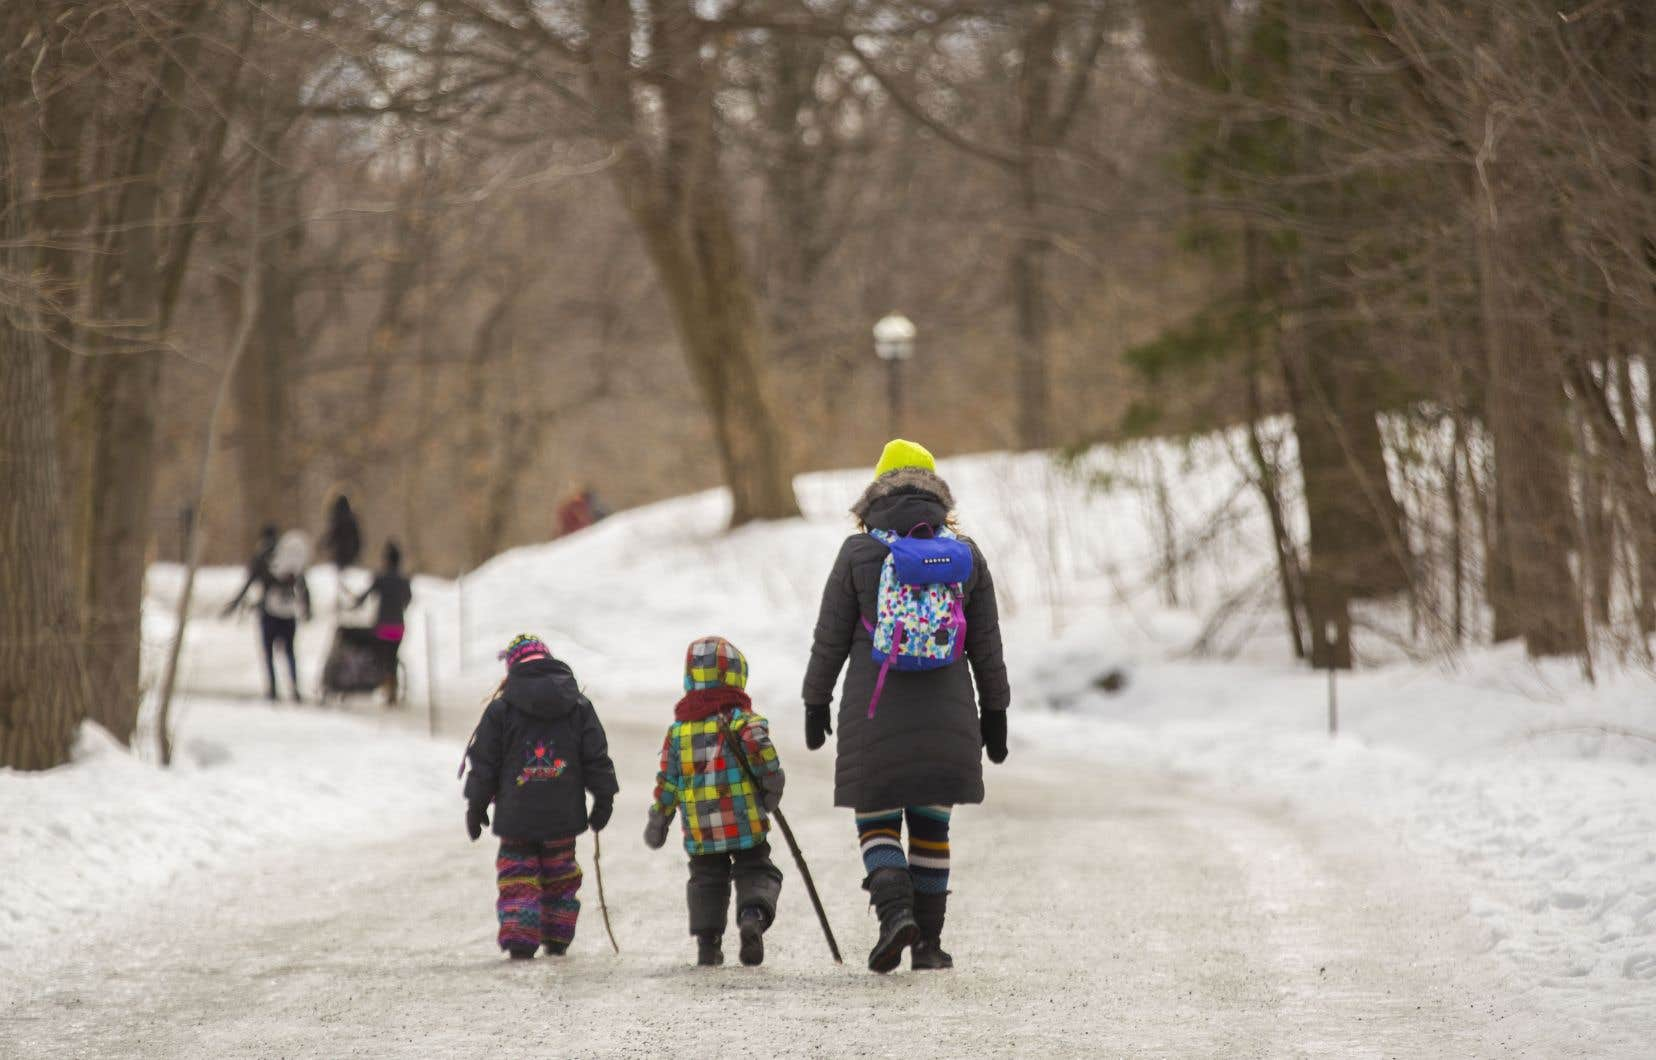 La chercheuse en nutrition Tamara Cohen prône la simplicité en ce qui concerne la pratique d'activités physiques, comme la marche en famille.